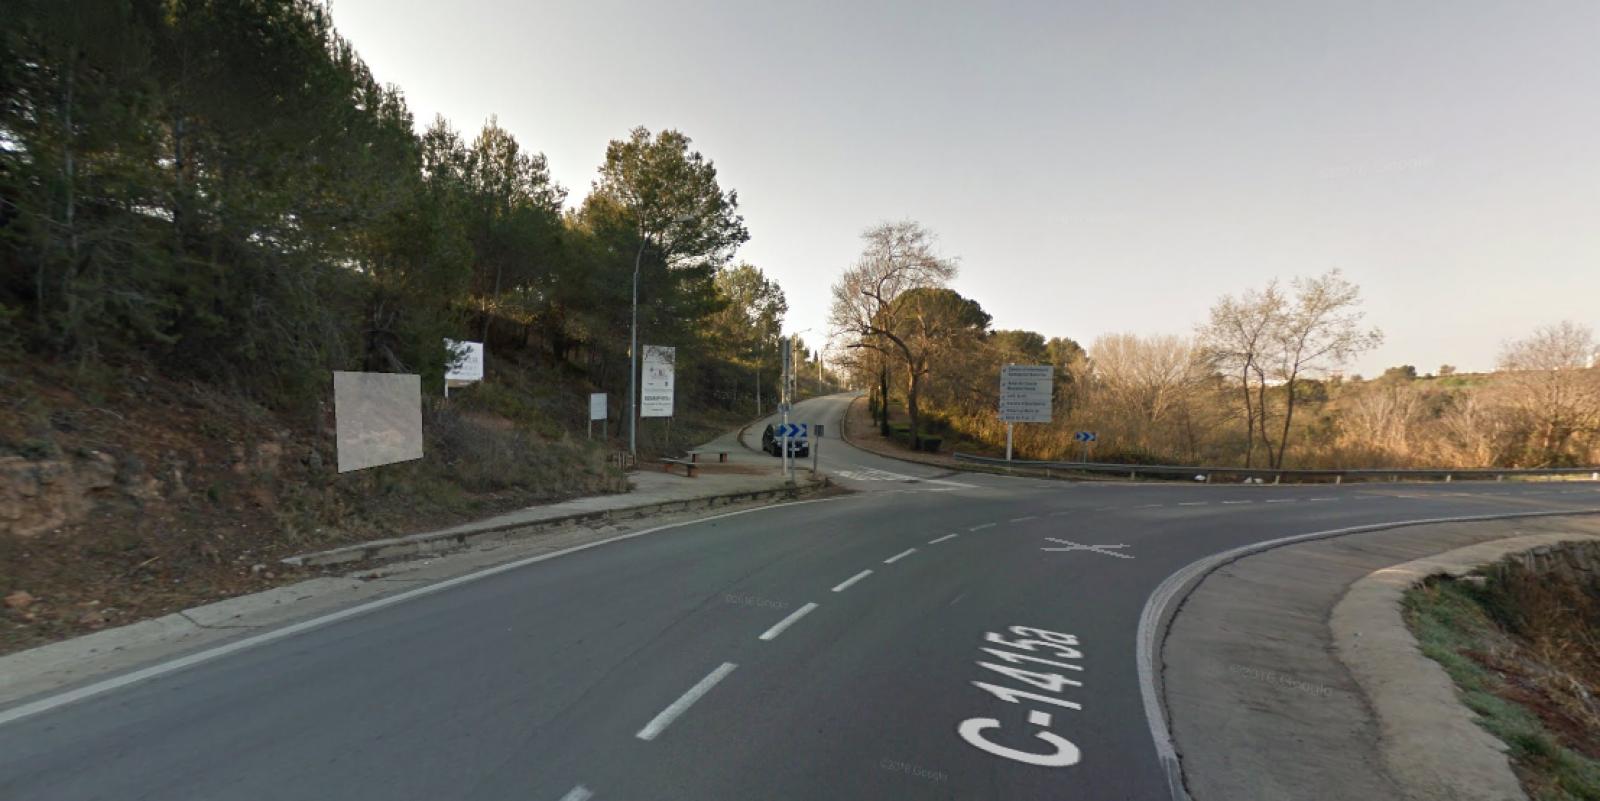 Carretera de Castellar a la cruïlla amb Mossèn Homs